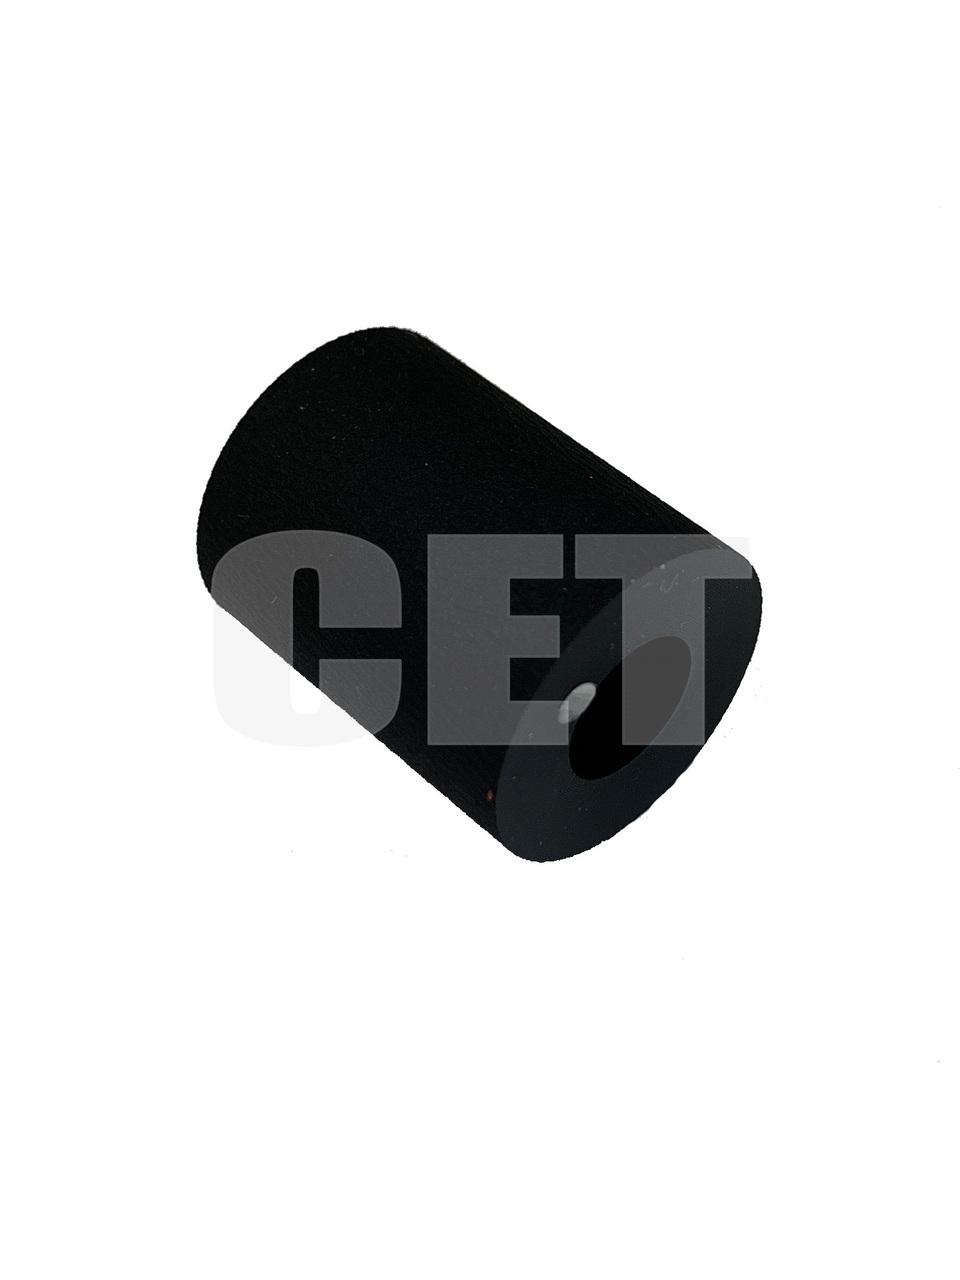 Резинка ролика подхвата/подачи (Long Life)2F906240/2А906230 для KYOCERAFS-1028MFP/1035MFP/1128MFP/1135MFP/4000DN/4020DN(CET), CET341022PT, CET341022PTR